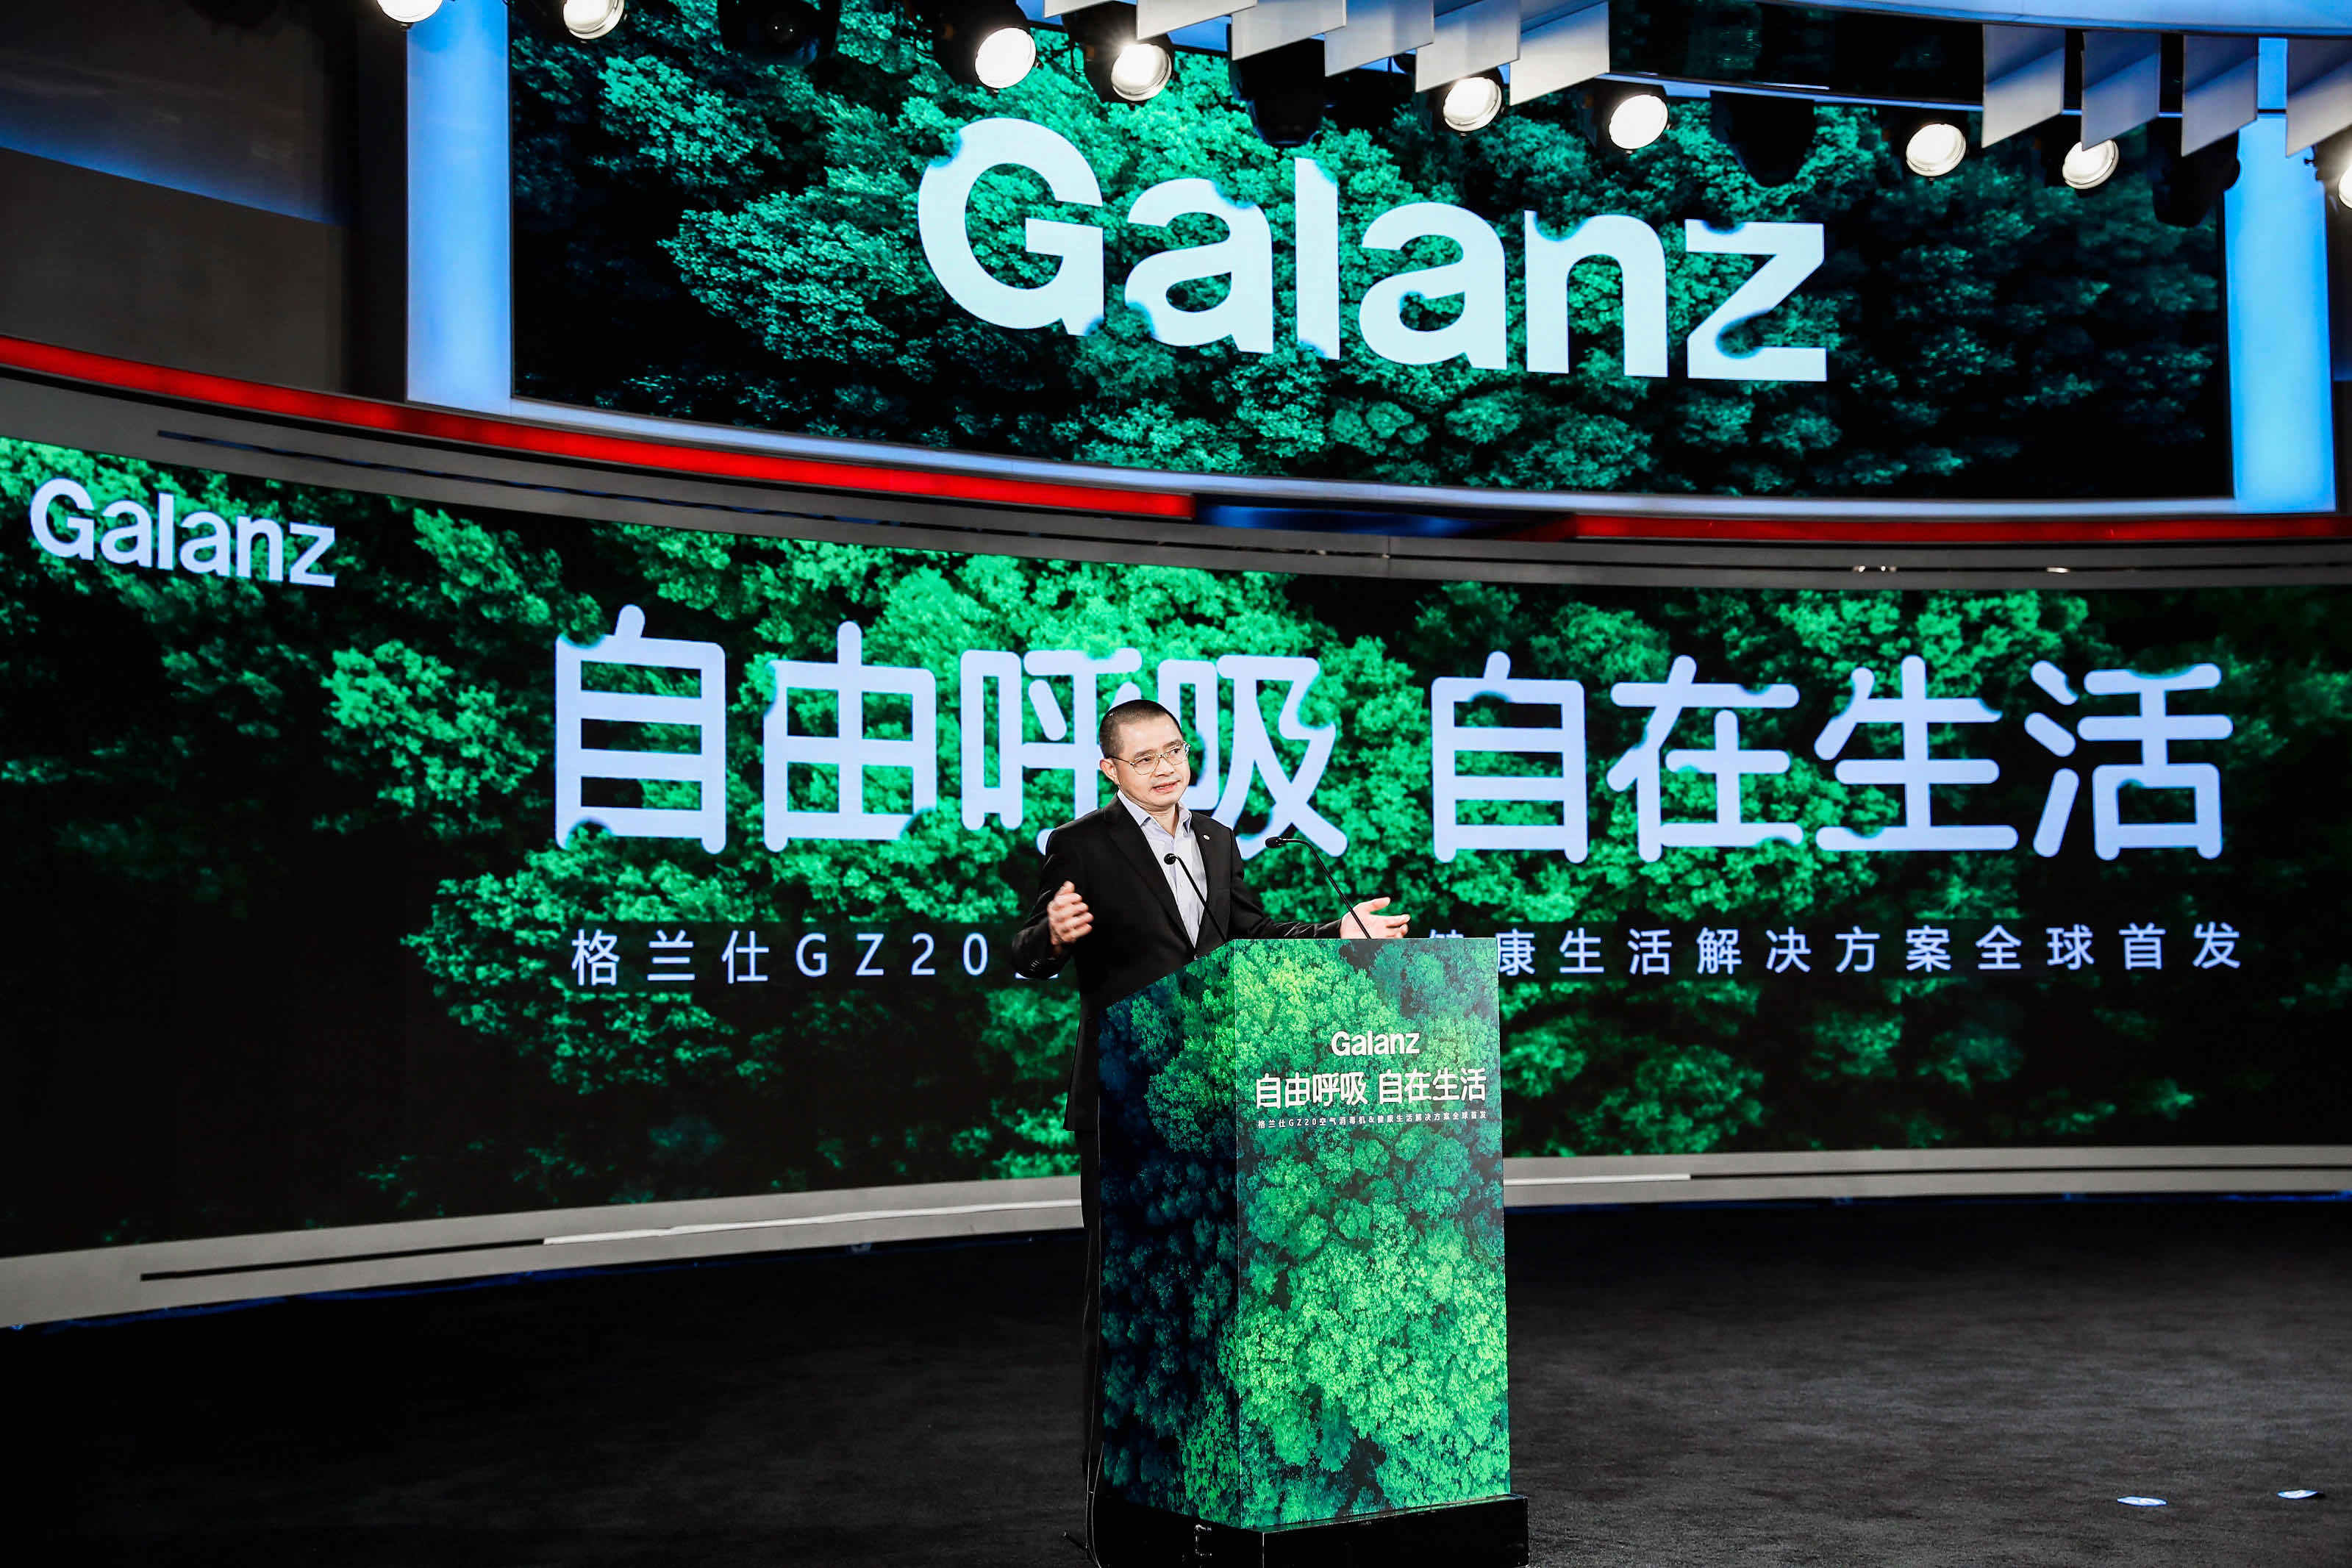 权威检测报告:格兰仕GZ2020空气消毒机对新冠病毒灭活率达99.99%